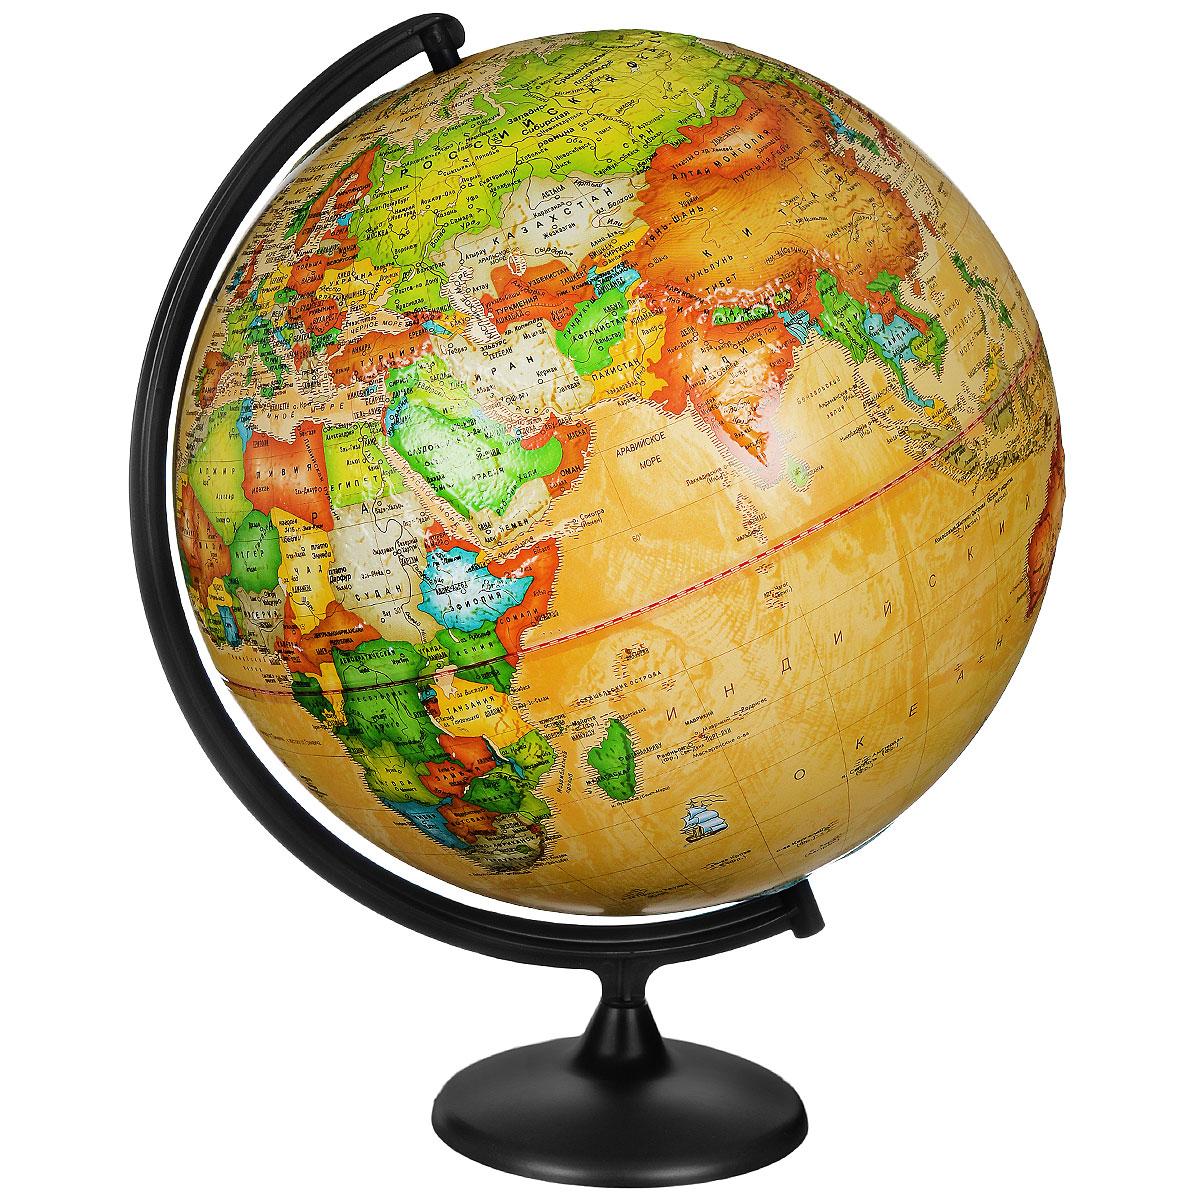 Глобусный мир Глобус с политической картой мира Ретро-Александр рельефный диаметр 42 смFS-00897Глобус с политической картой мира Ретро-Александр изготовлен из высококачественного прочного пластика.Данная модель показывает страны мира, сухопутные и морские границы того или иного государства, расположение городов и населенных пунктов. Изделие расположено на подставке. На нем отображены картографические линии: параллели и меридианы, а также градусы и условные обозначения. На глобусе нанесен рельеф, который отчетливо показывает рельеф местности и горные массивы. Все страны мира раскрашены в разные цвета. Глобус с политической картой мира станет незаменимым атрибутом обучения не только школьника, но и студента. Названия стран на глобусе приведены на русской язык.Глобус с политической картой мира Ретро-Александр станет оригинальным украшением рабочего стола или вашего кабинета. Это изысканная вещь для стильного интерьера, которая будет прекрасным подарком для современного преуспевающего человека, следующего последним тенденциям моды и стремящегося к элегантности и комфорту в каждой детали.